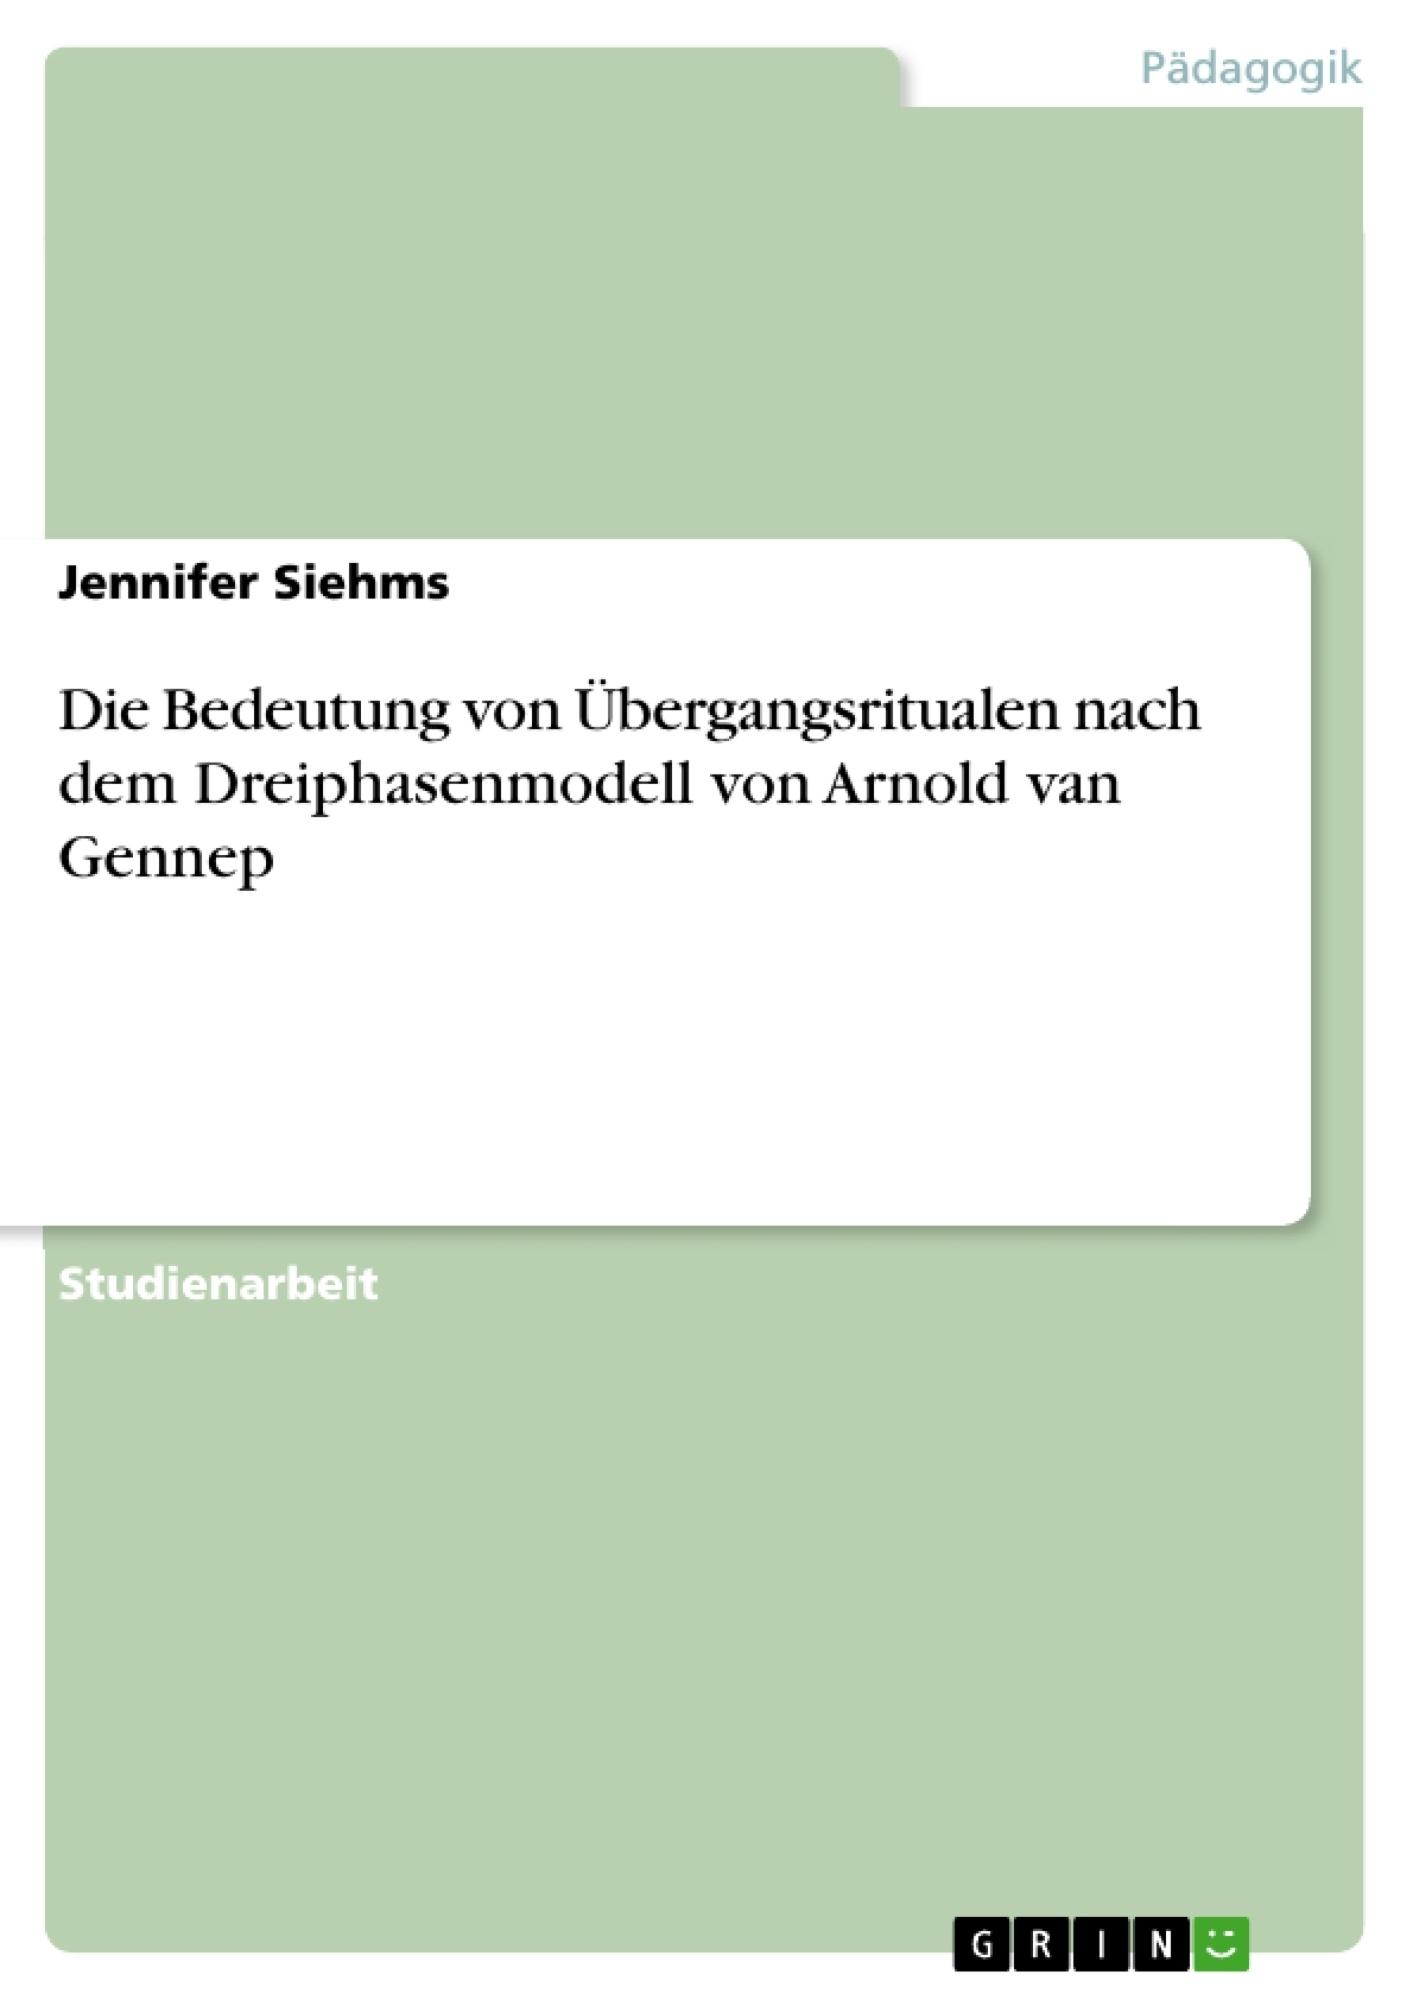 Titel: Die Bedeutung von Übergangsritualen nach dem Dreiphasenmodell von Arnold van Gennep